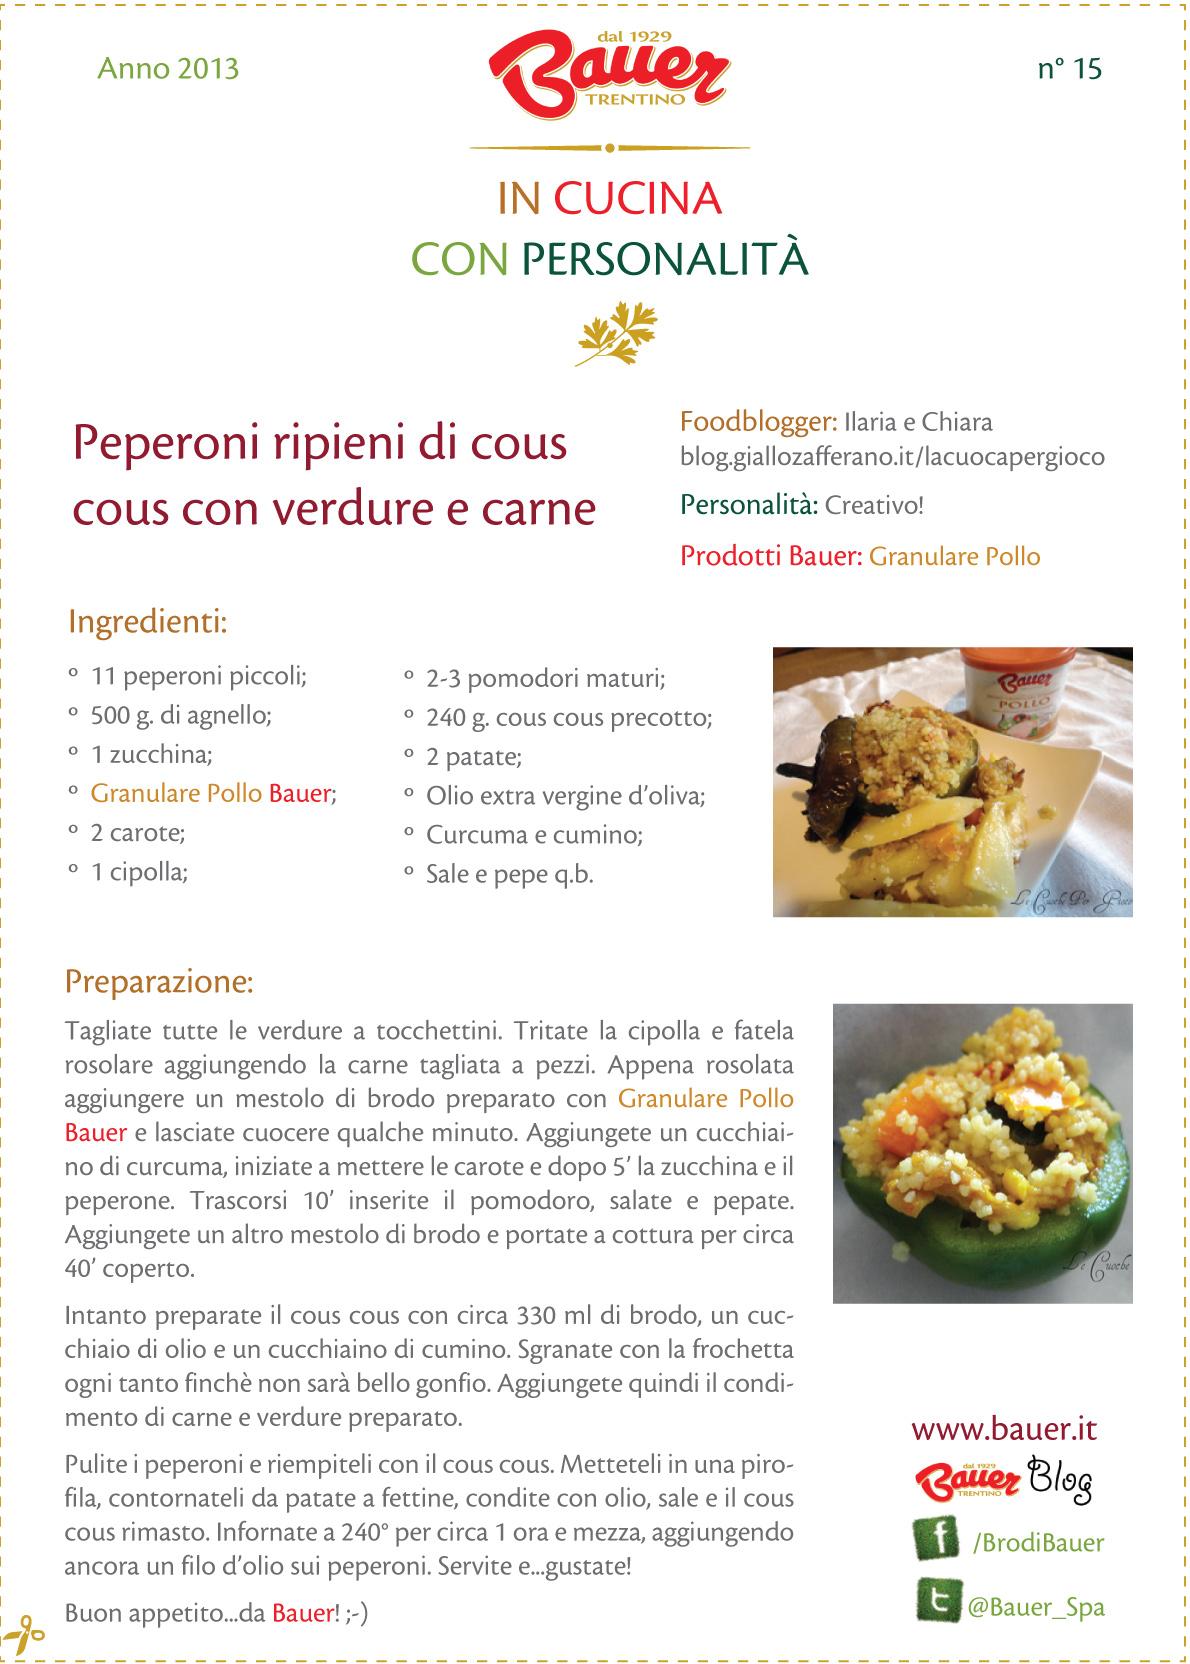 In cucina con personalità ricetta 15